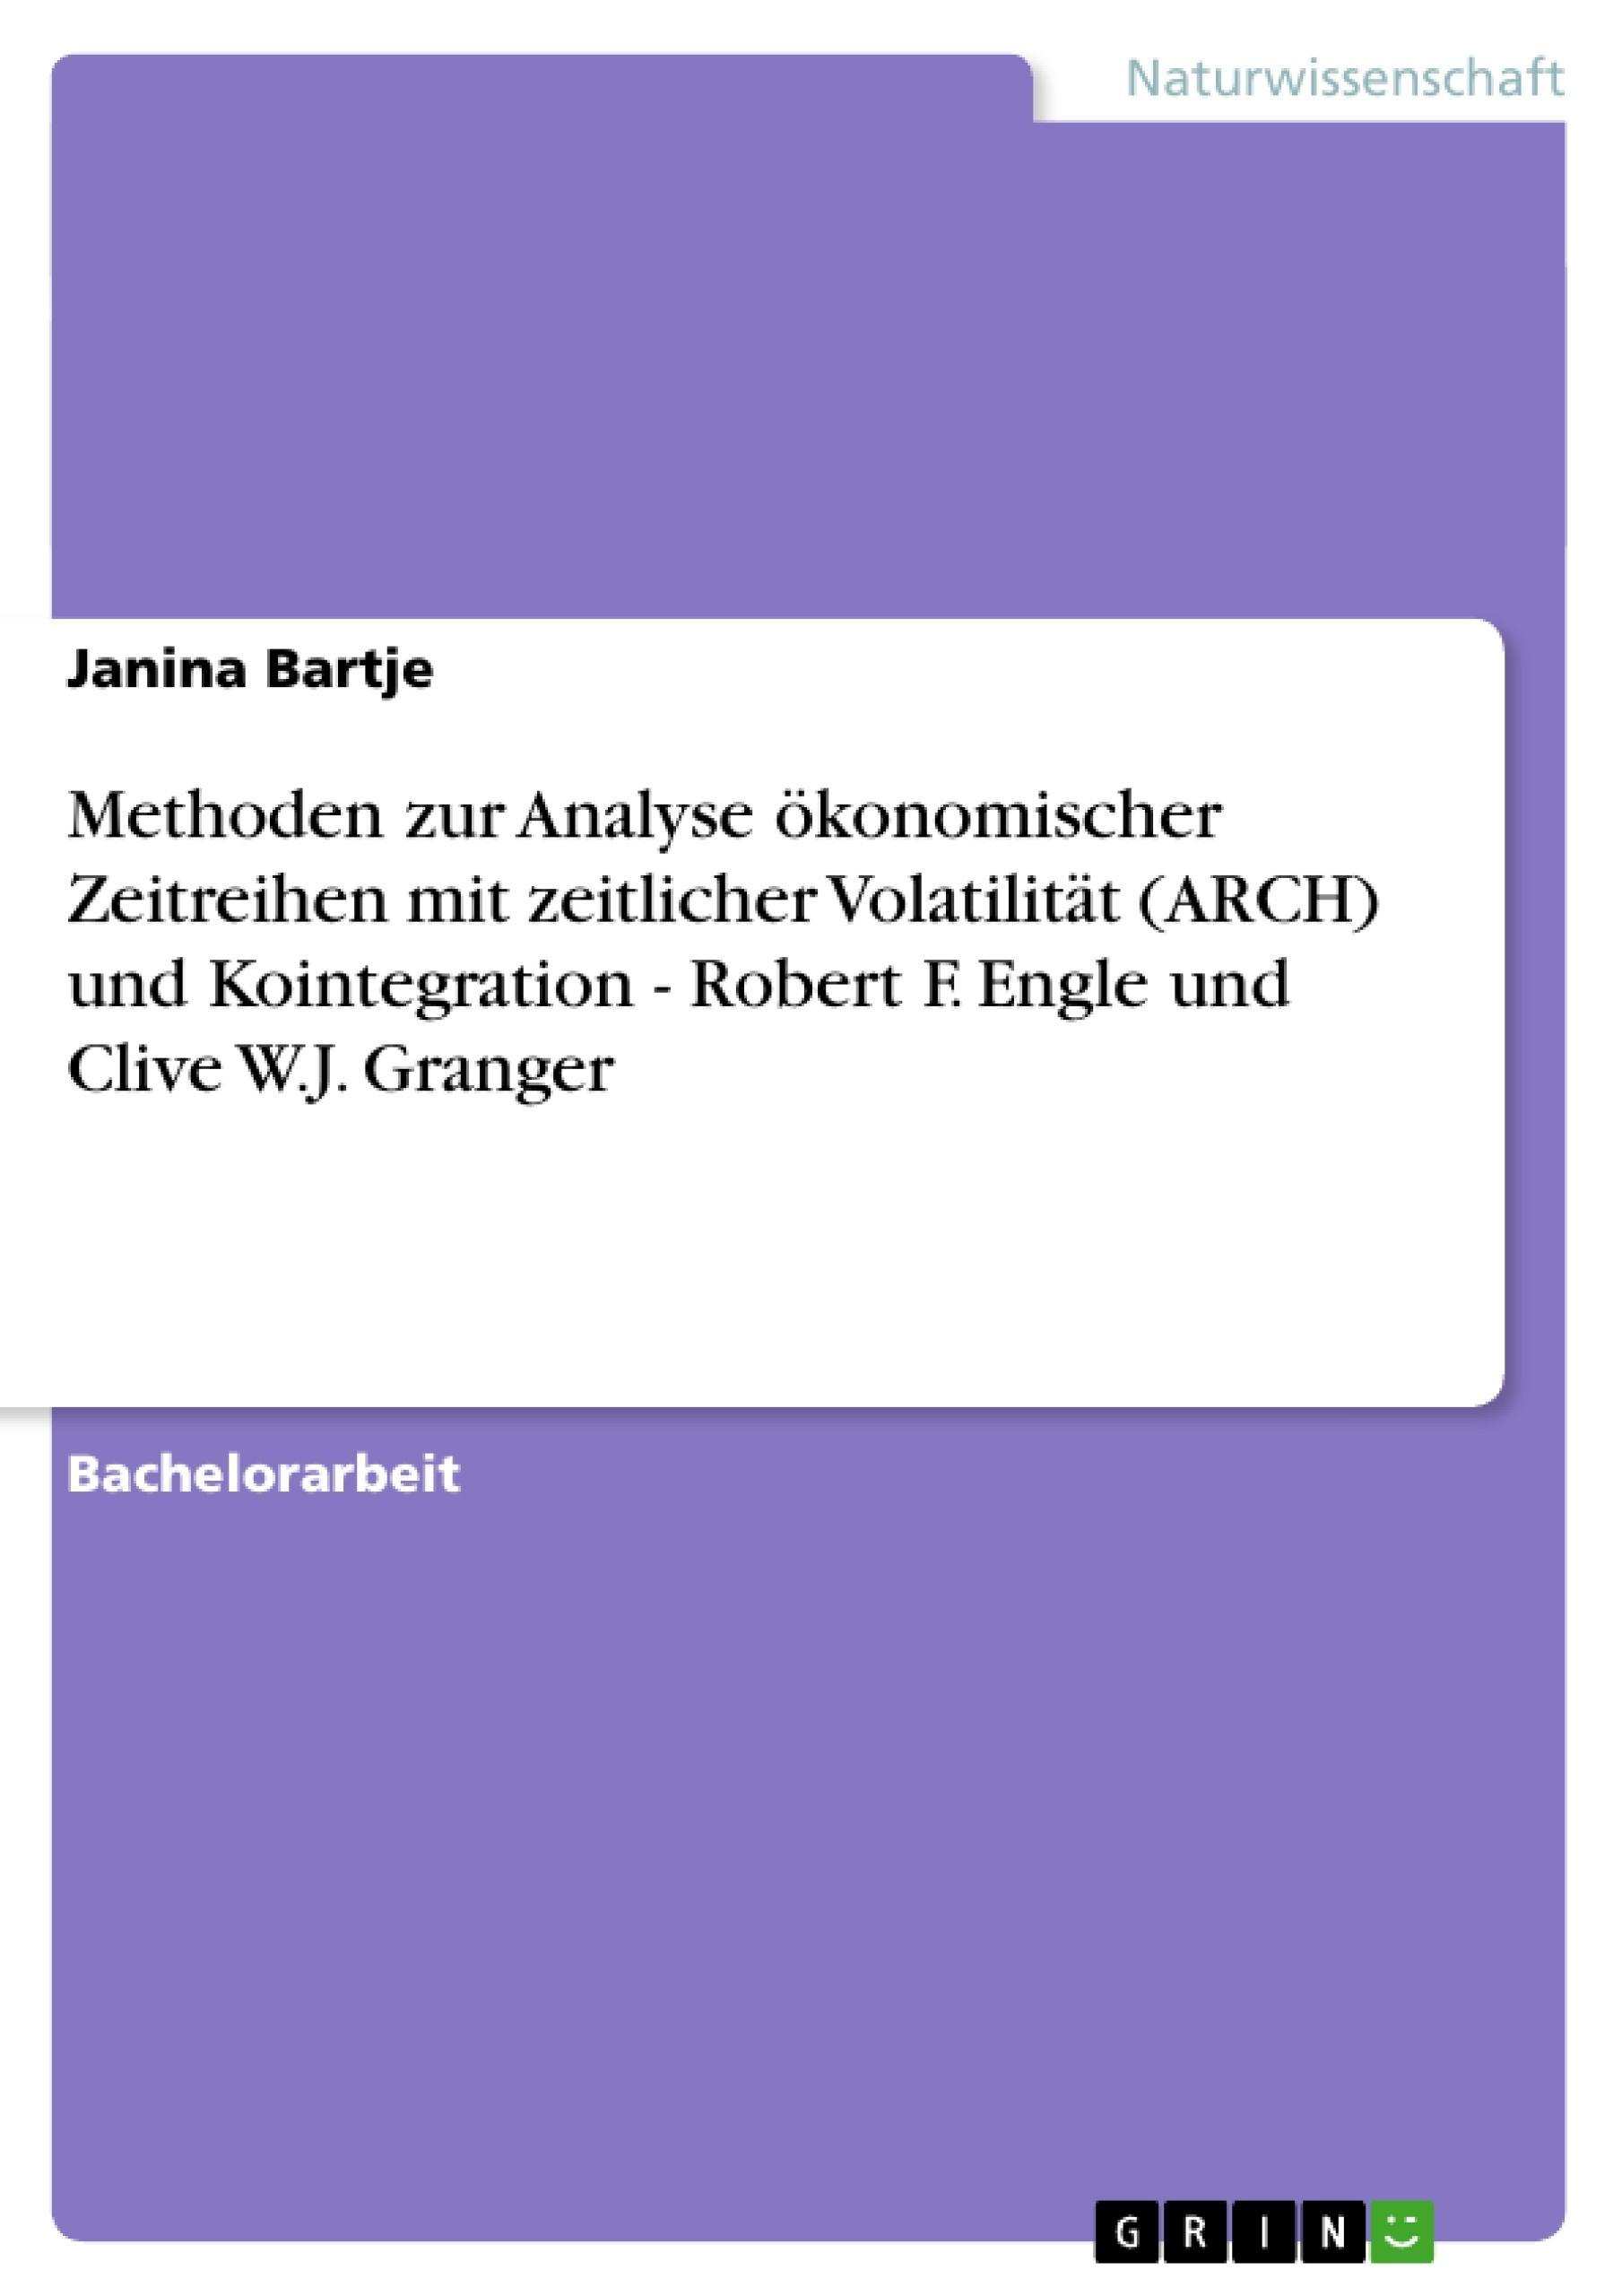 Titel: Methoden zur Analyse ökonomischer Zeitreihen mit zeitlicher Volatilität (ARCH) und Kointegration - Robert F. Engle und Clive W.J. Granger